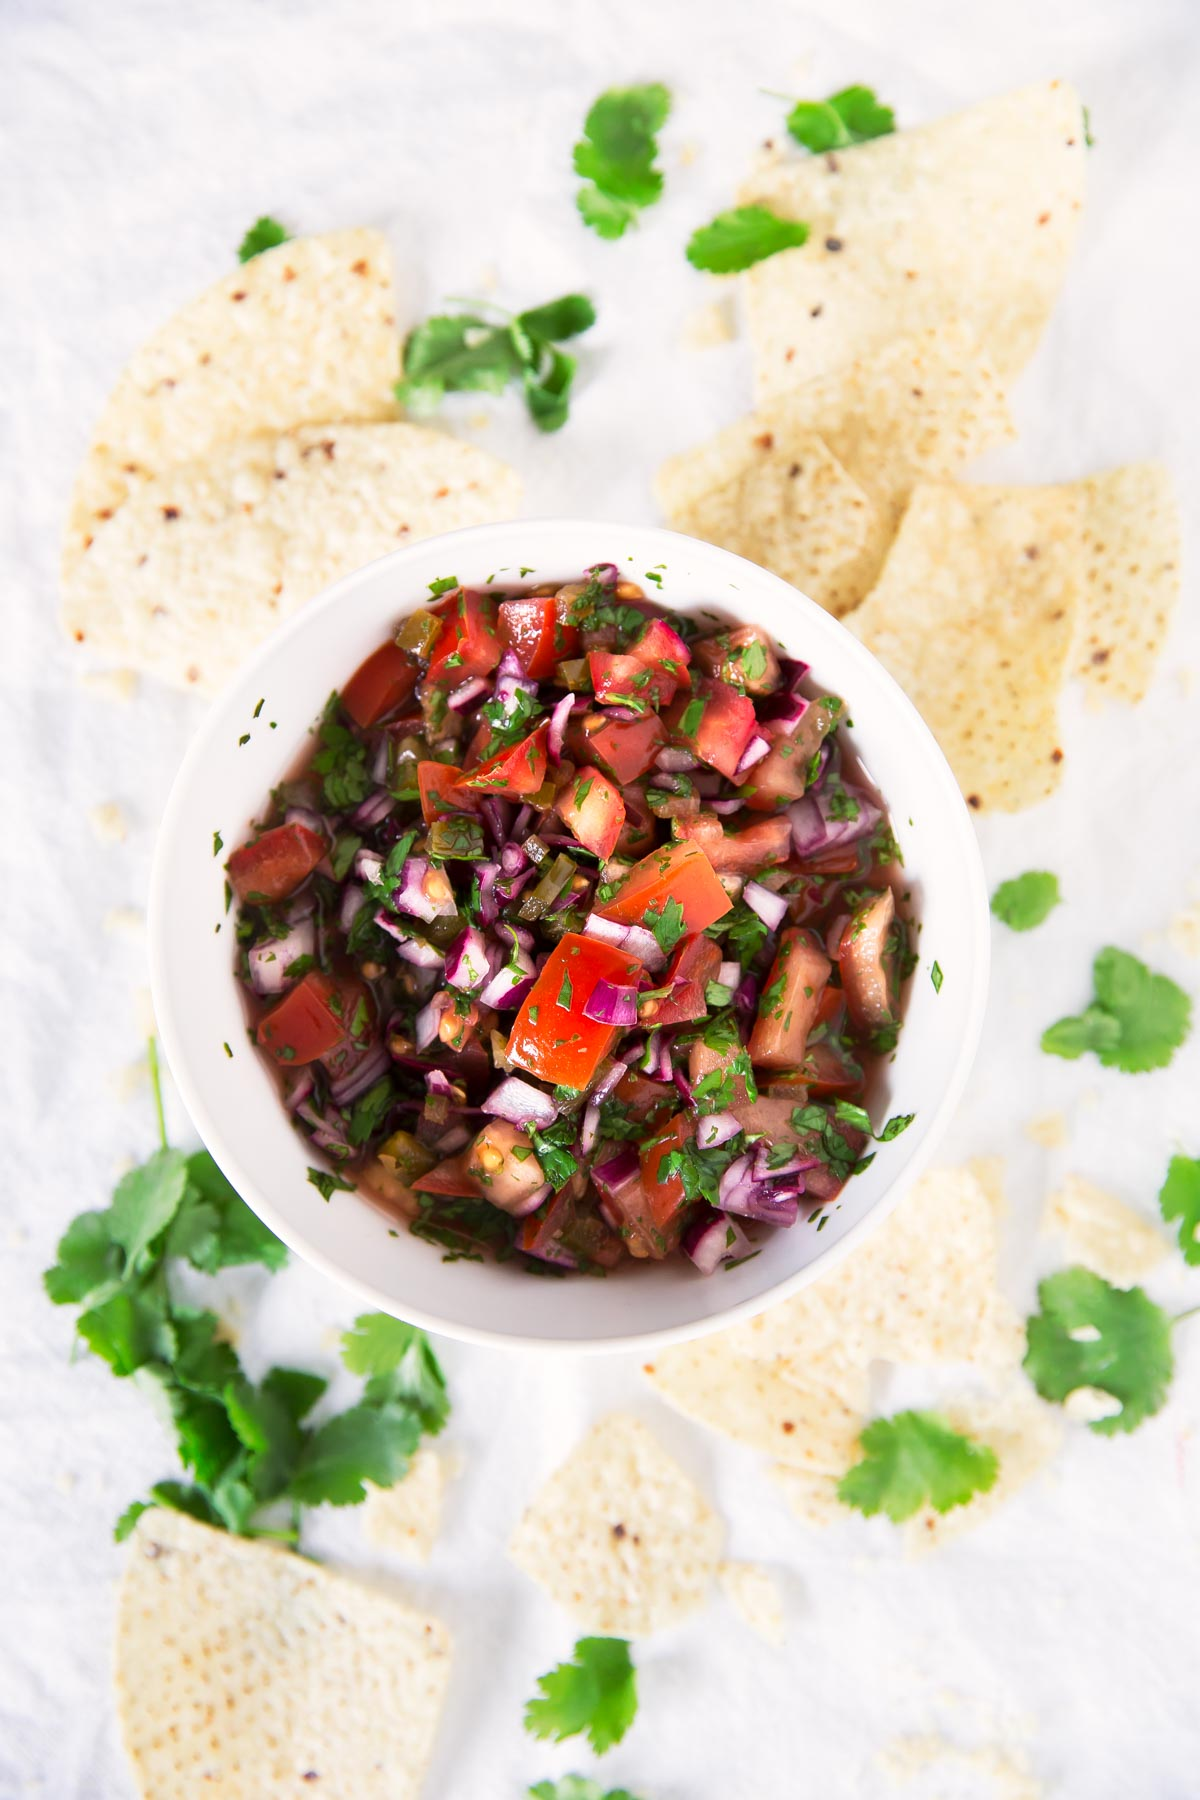 Pico de Gallo.- El pico de gallo es una receta mexicana que nos encanta porque es muy sana y se prepara en un momento. Es perfecta como entrante o acompañamiento.